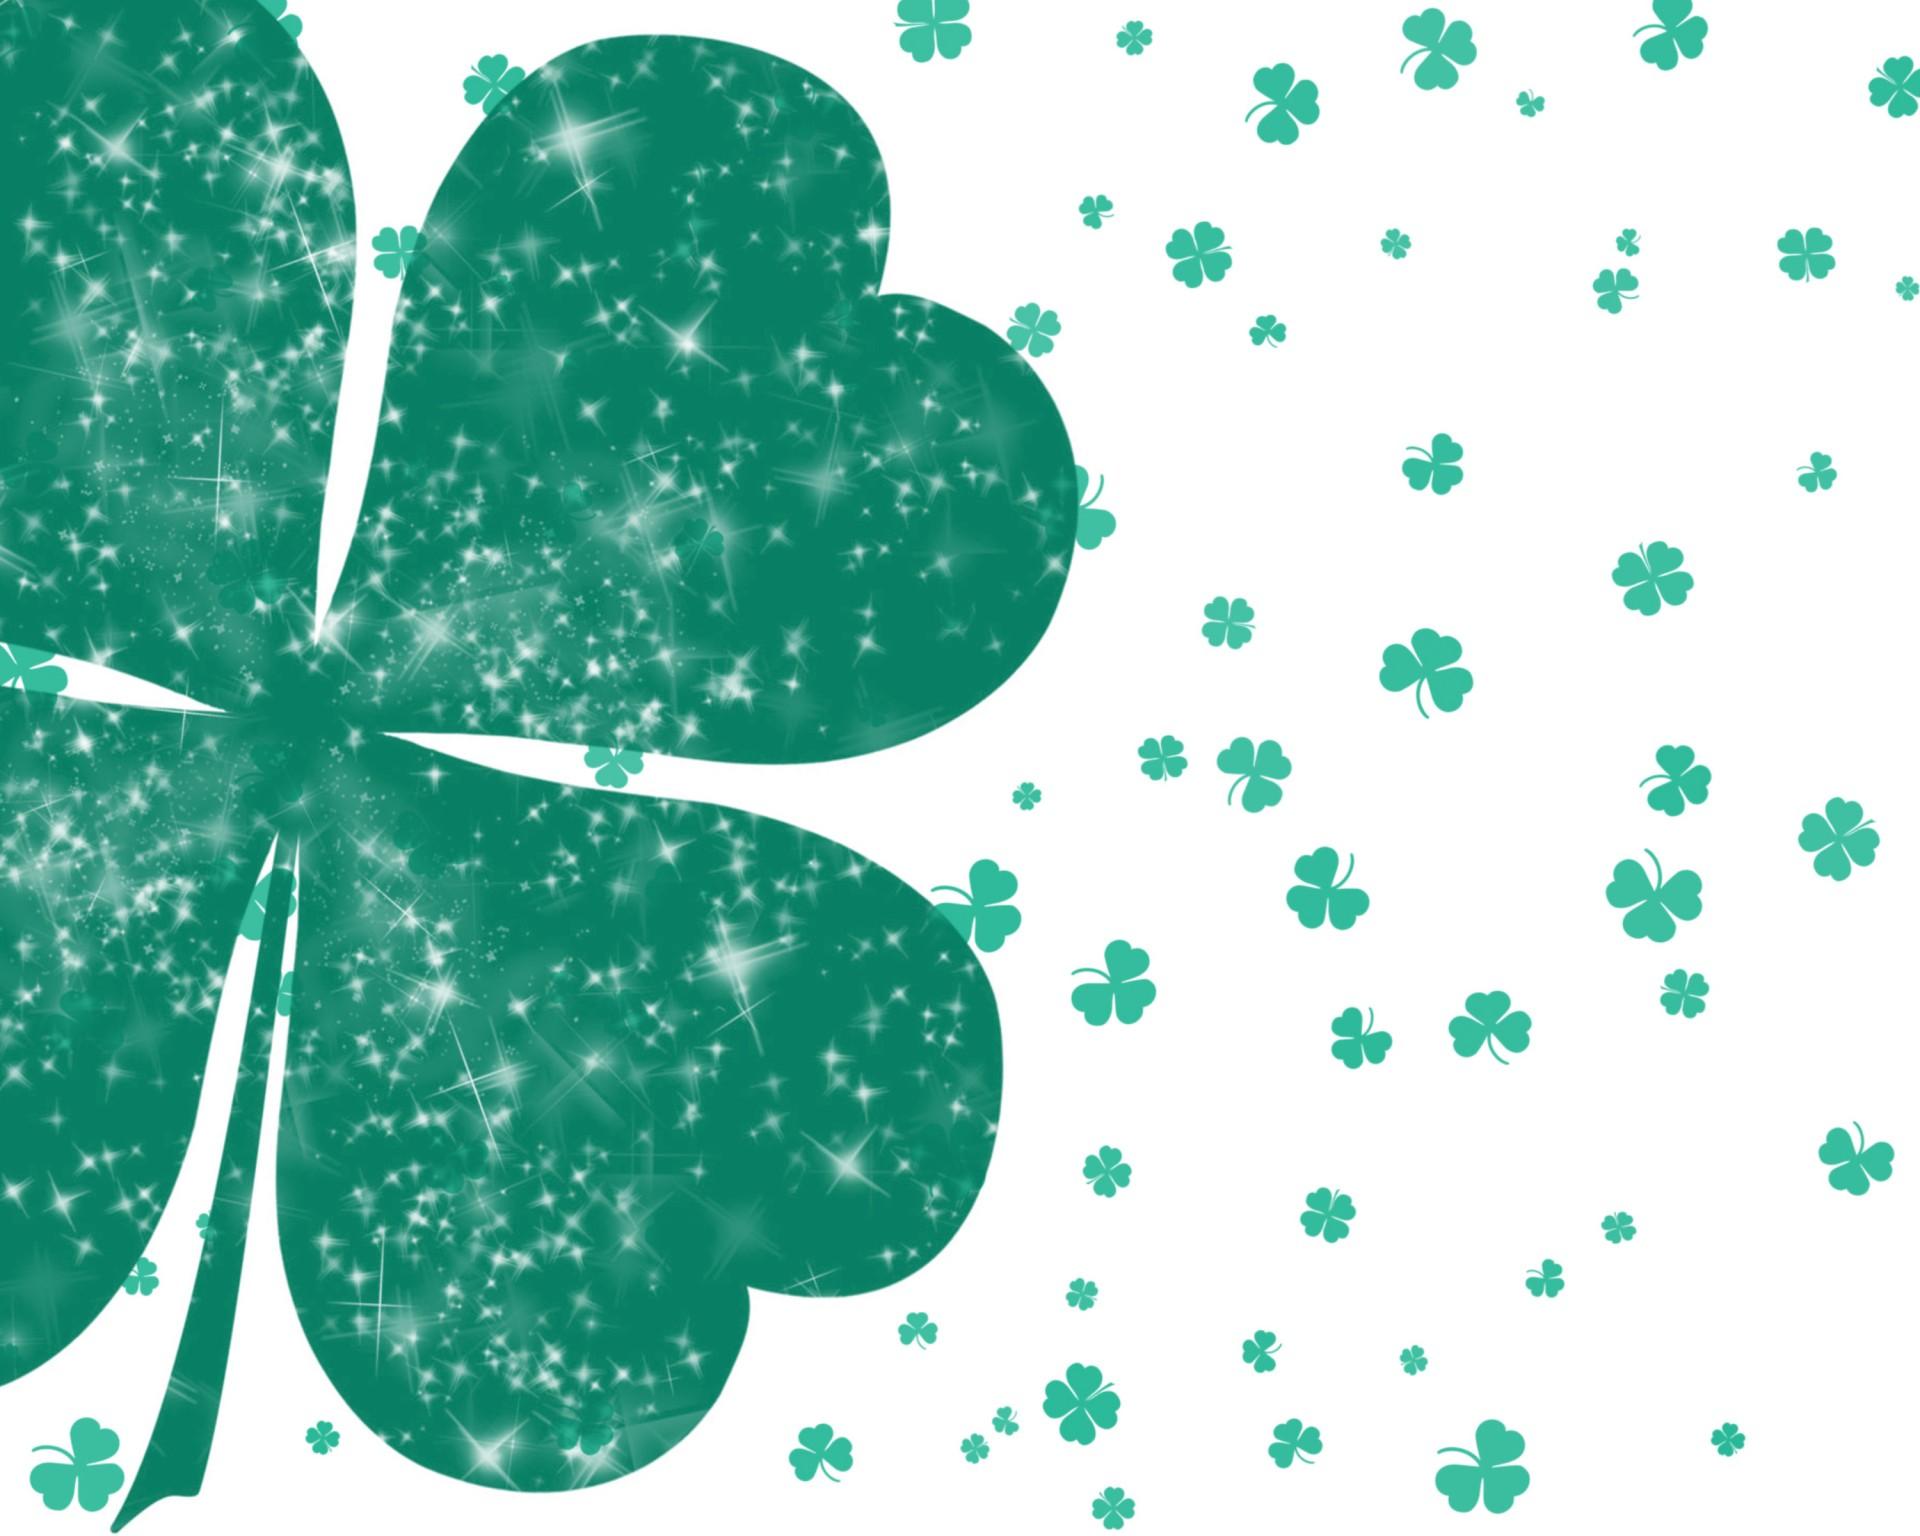 day,st paddy's day,luck irish,irish